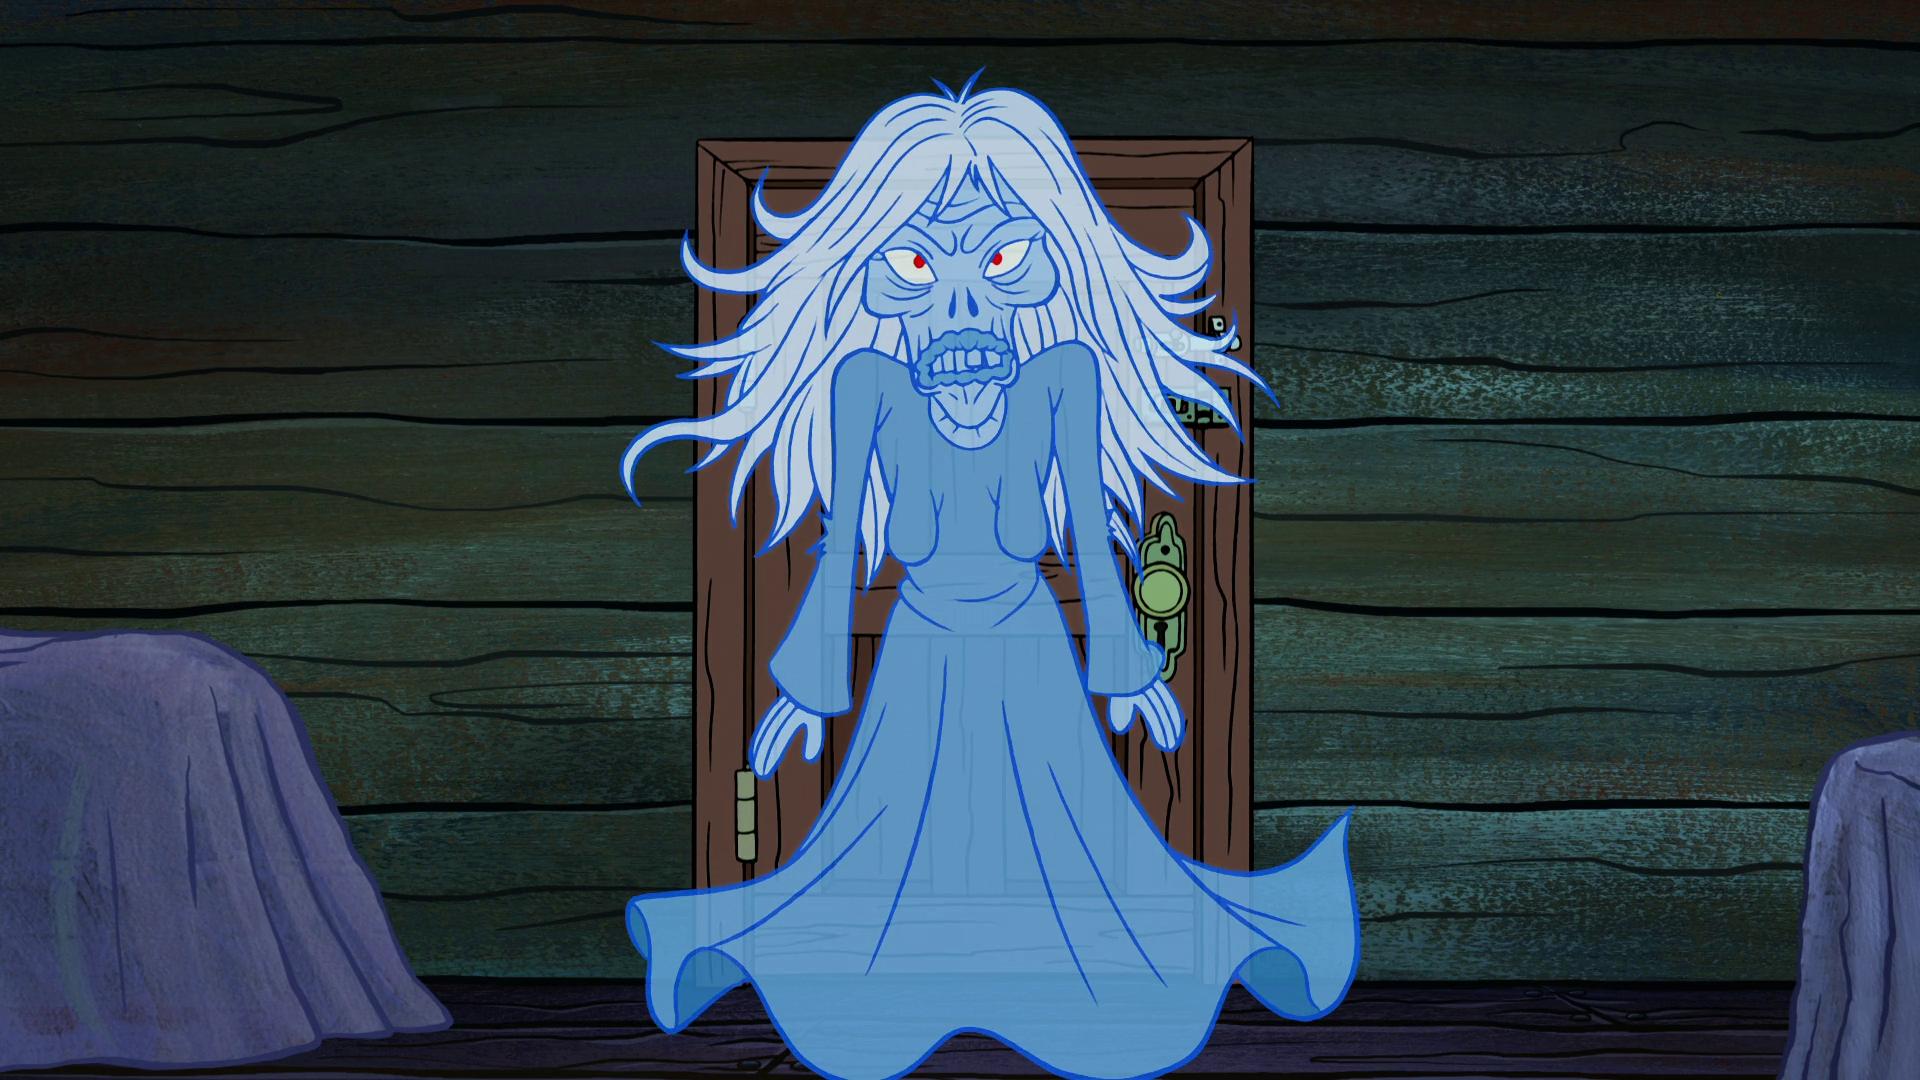 Grandma's ghost